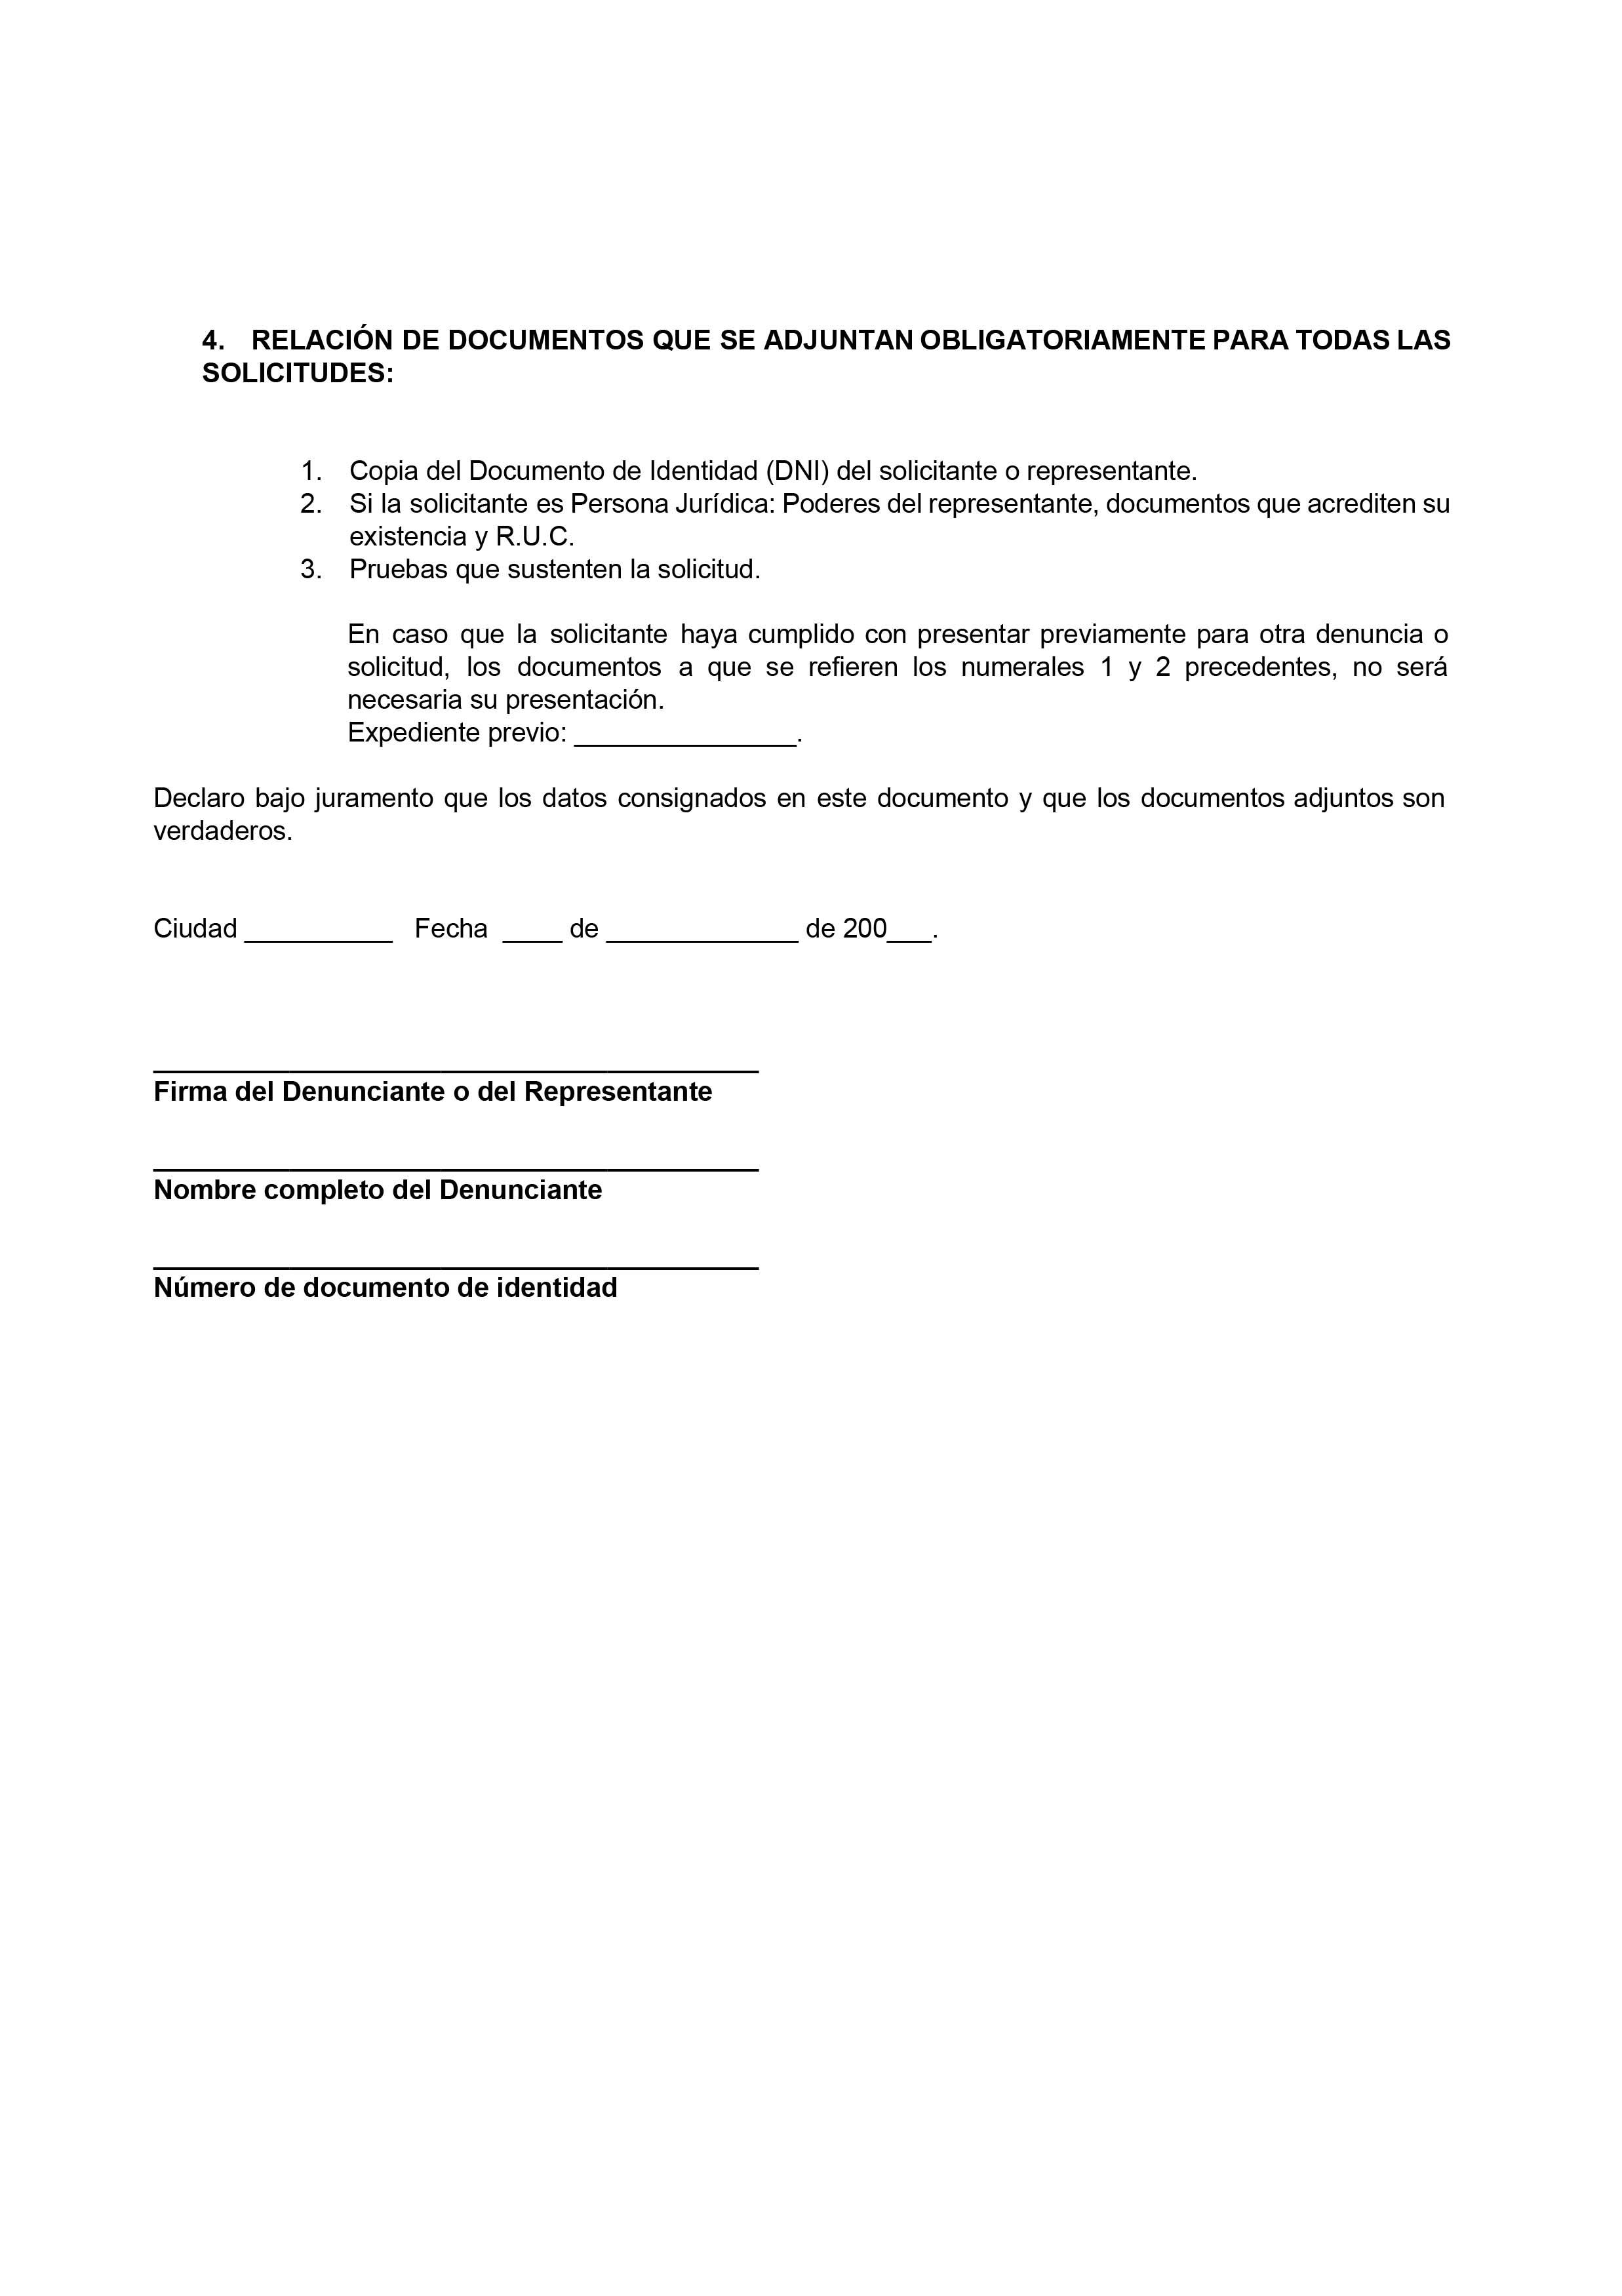 formato-rectificacion-SNRTV.doc-2